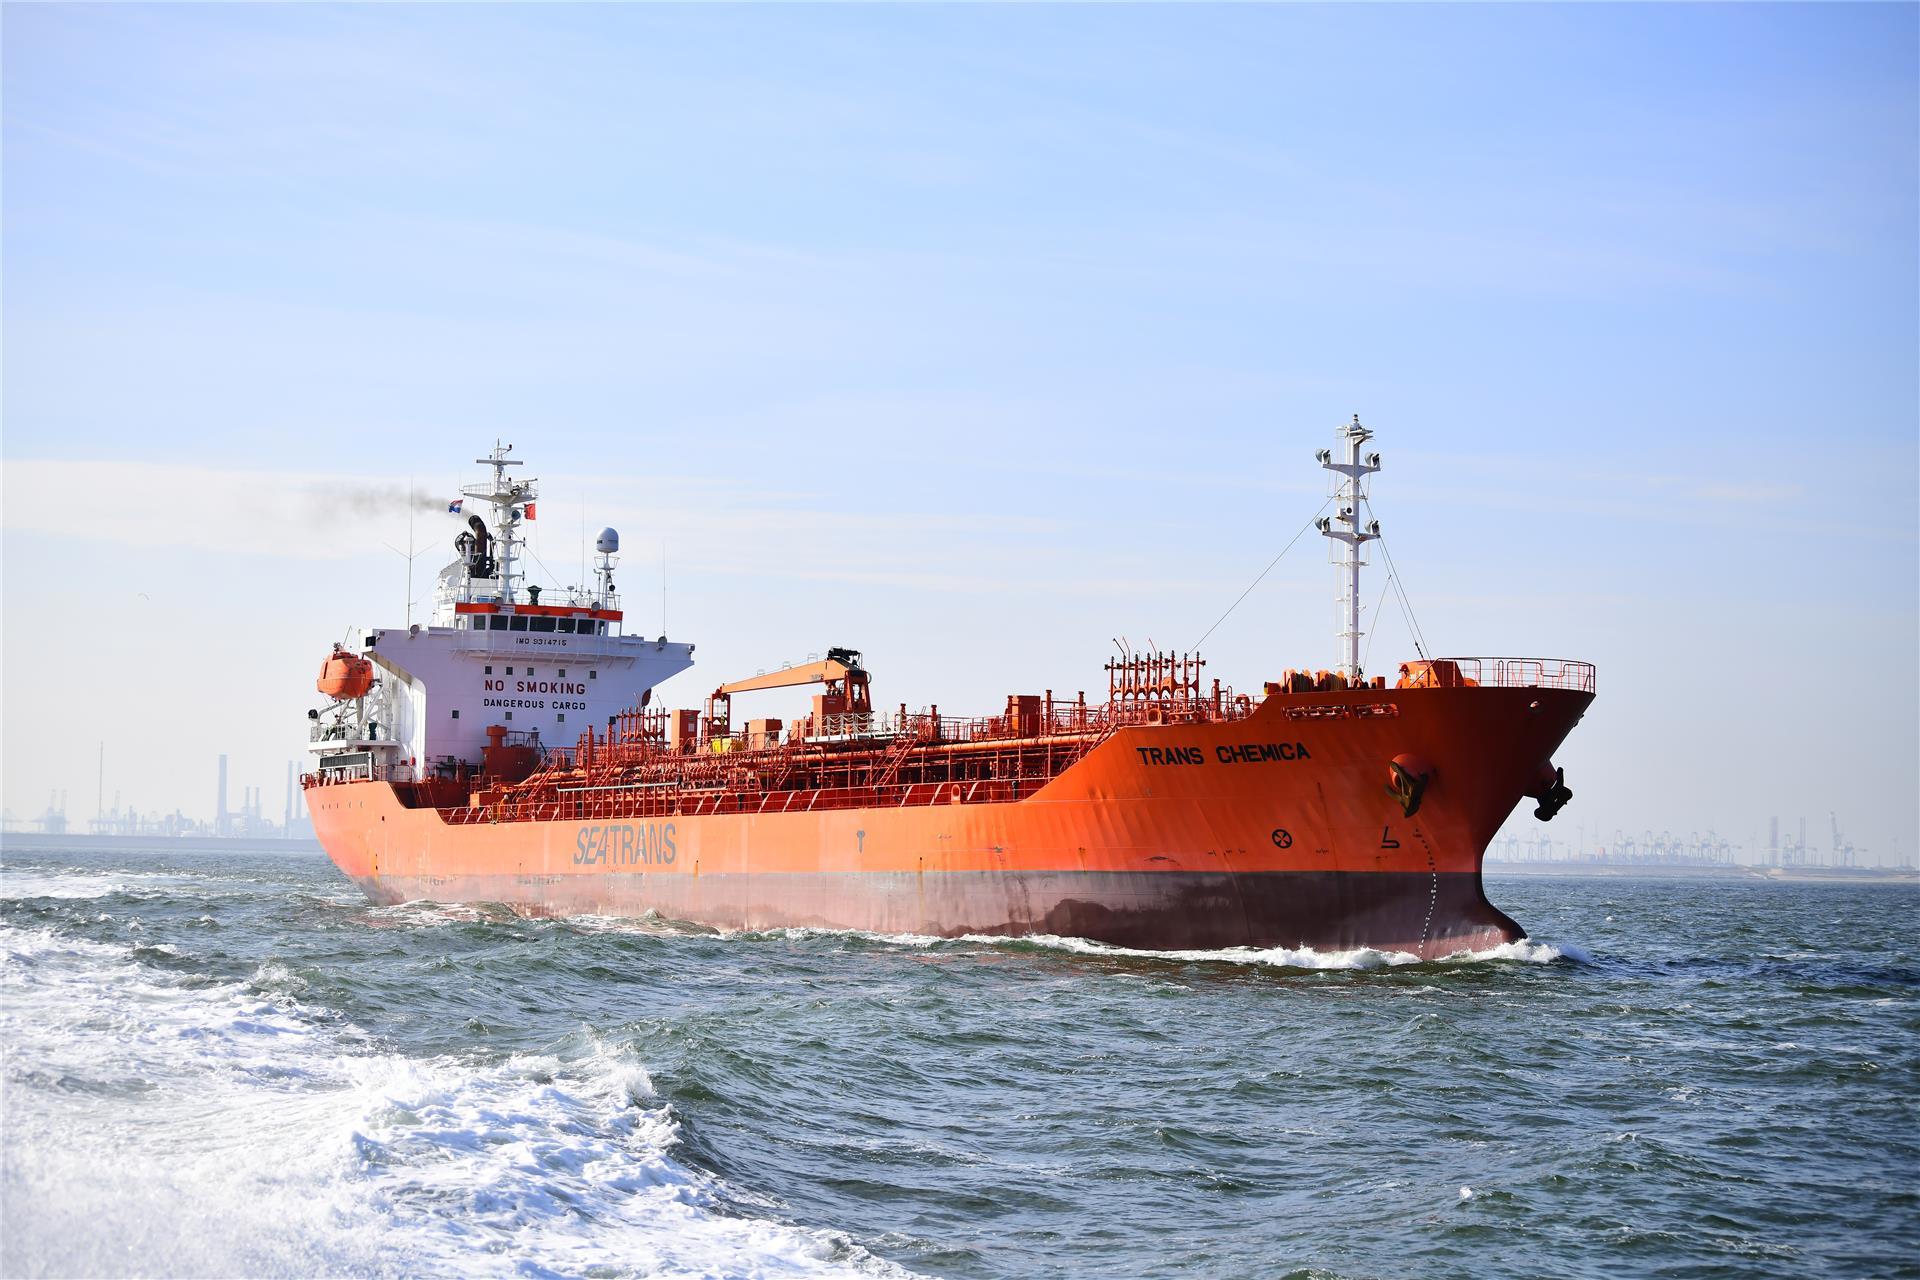 Regulations regarding dumping of soiled or damaged cargo at sea